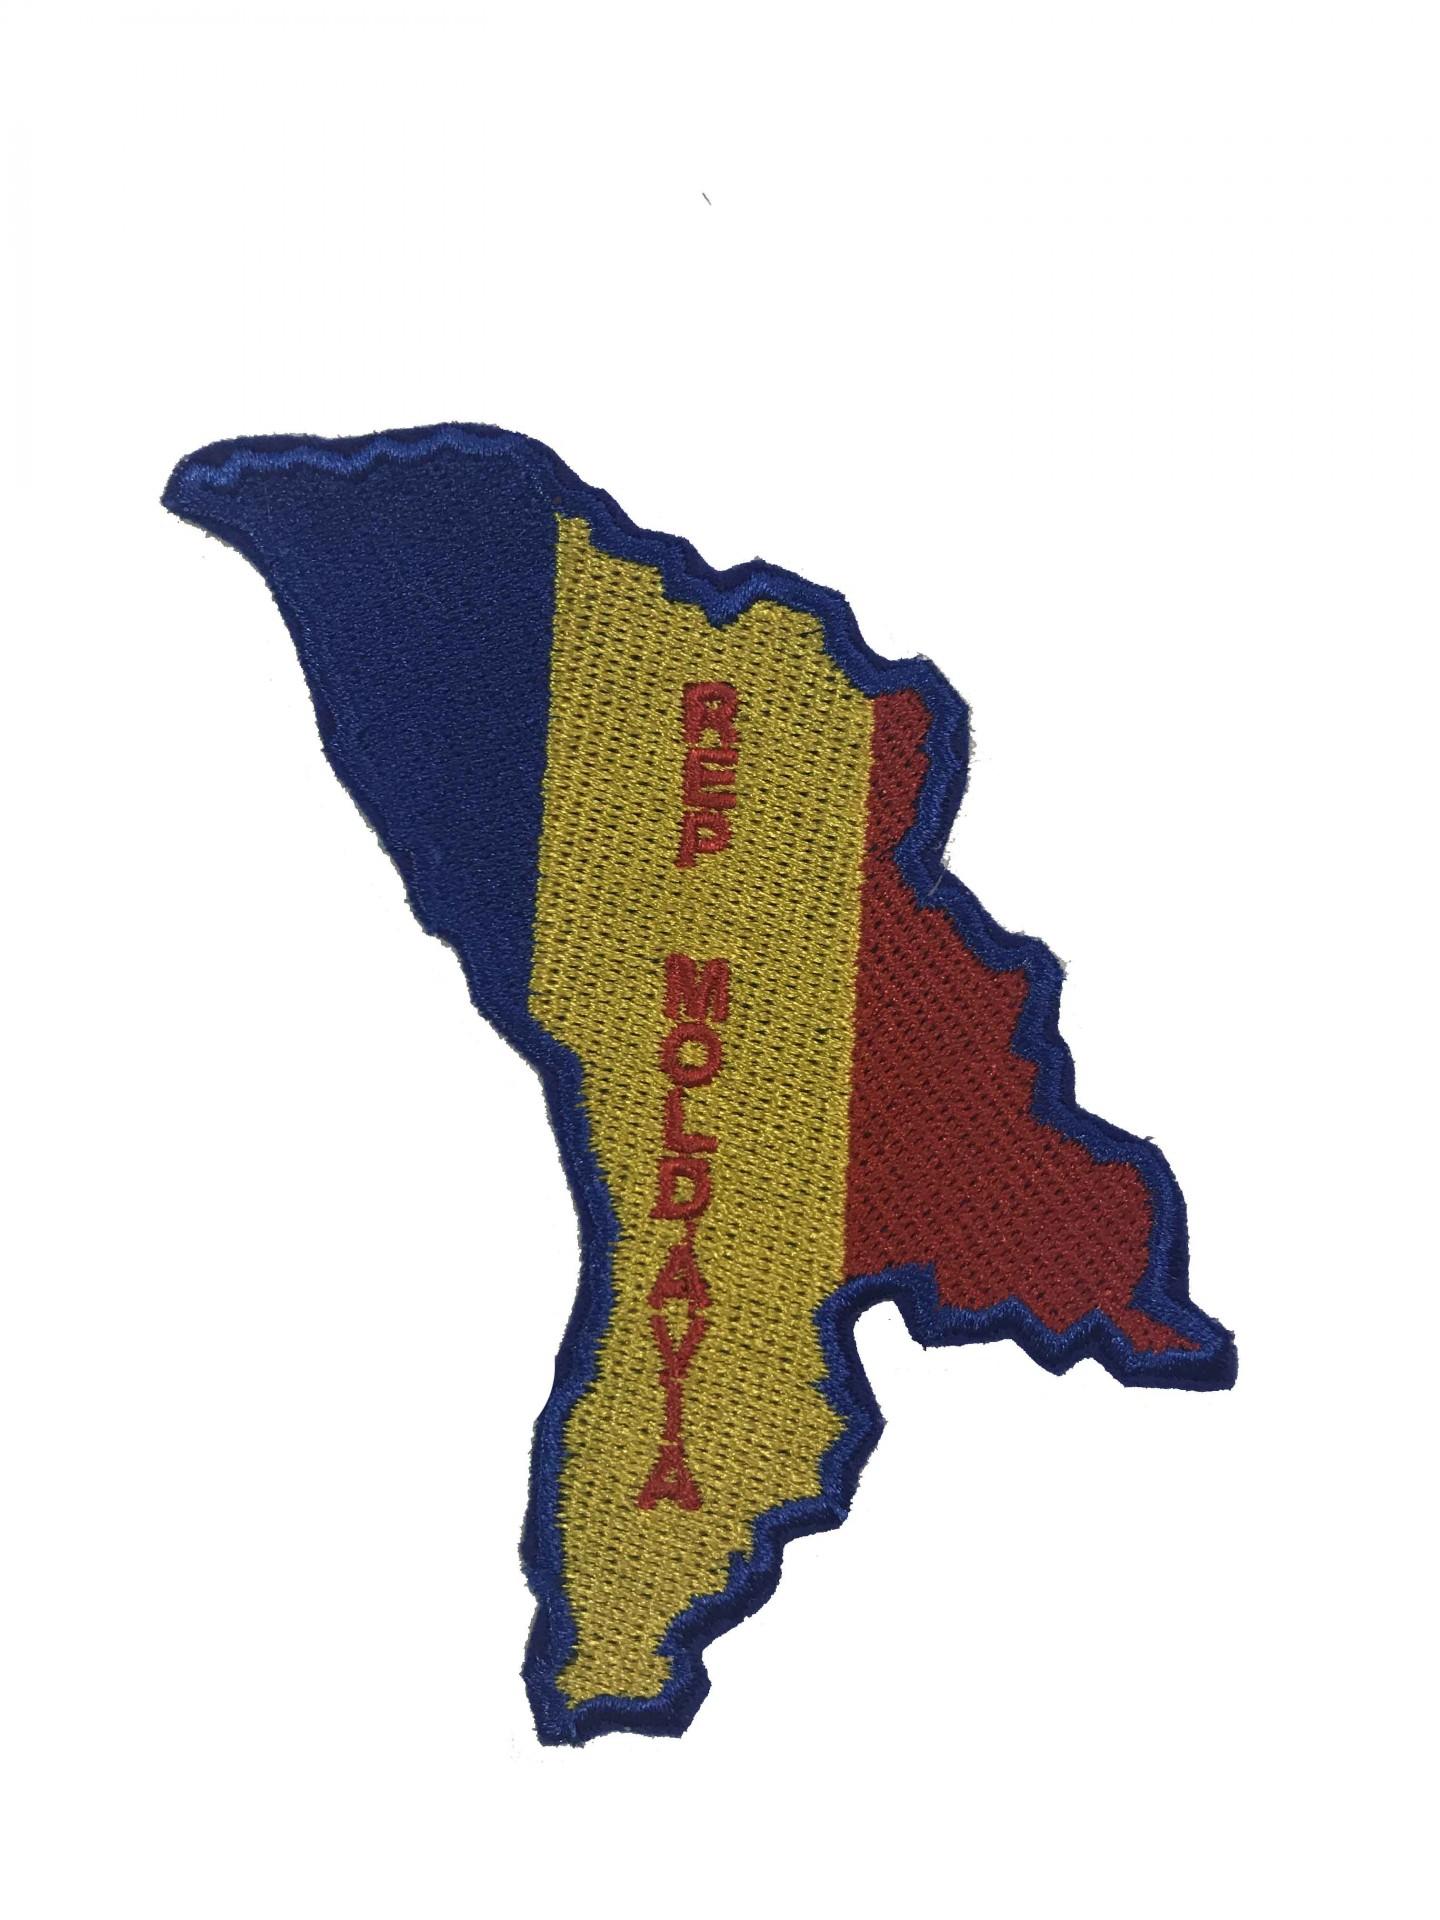 Emblema Moldávia